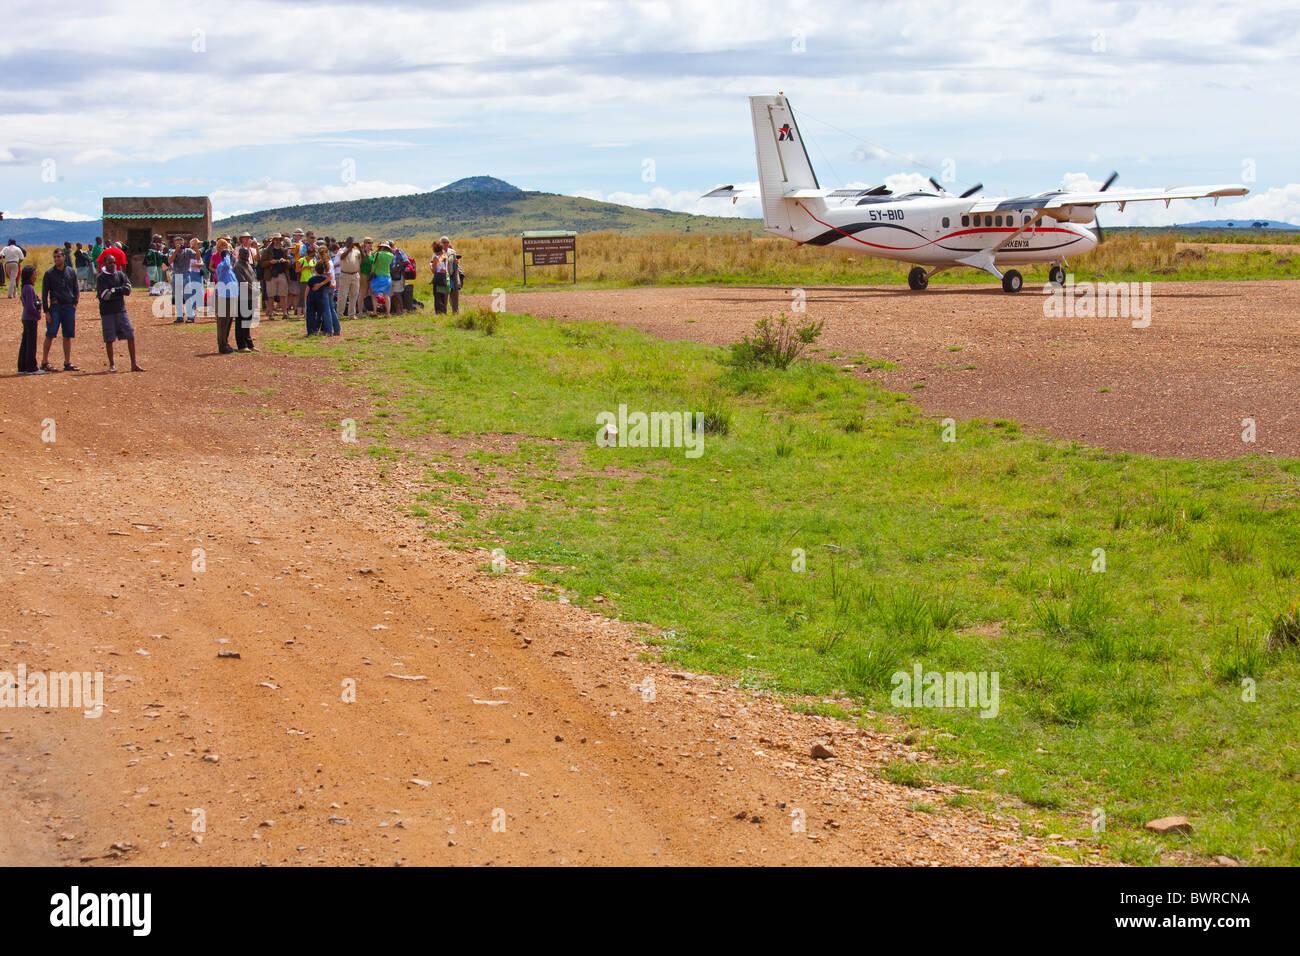 Air Kenya flight arriving in the Masai Mara, bringing tourists for safari, Kenya, East Africa - Stock Image